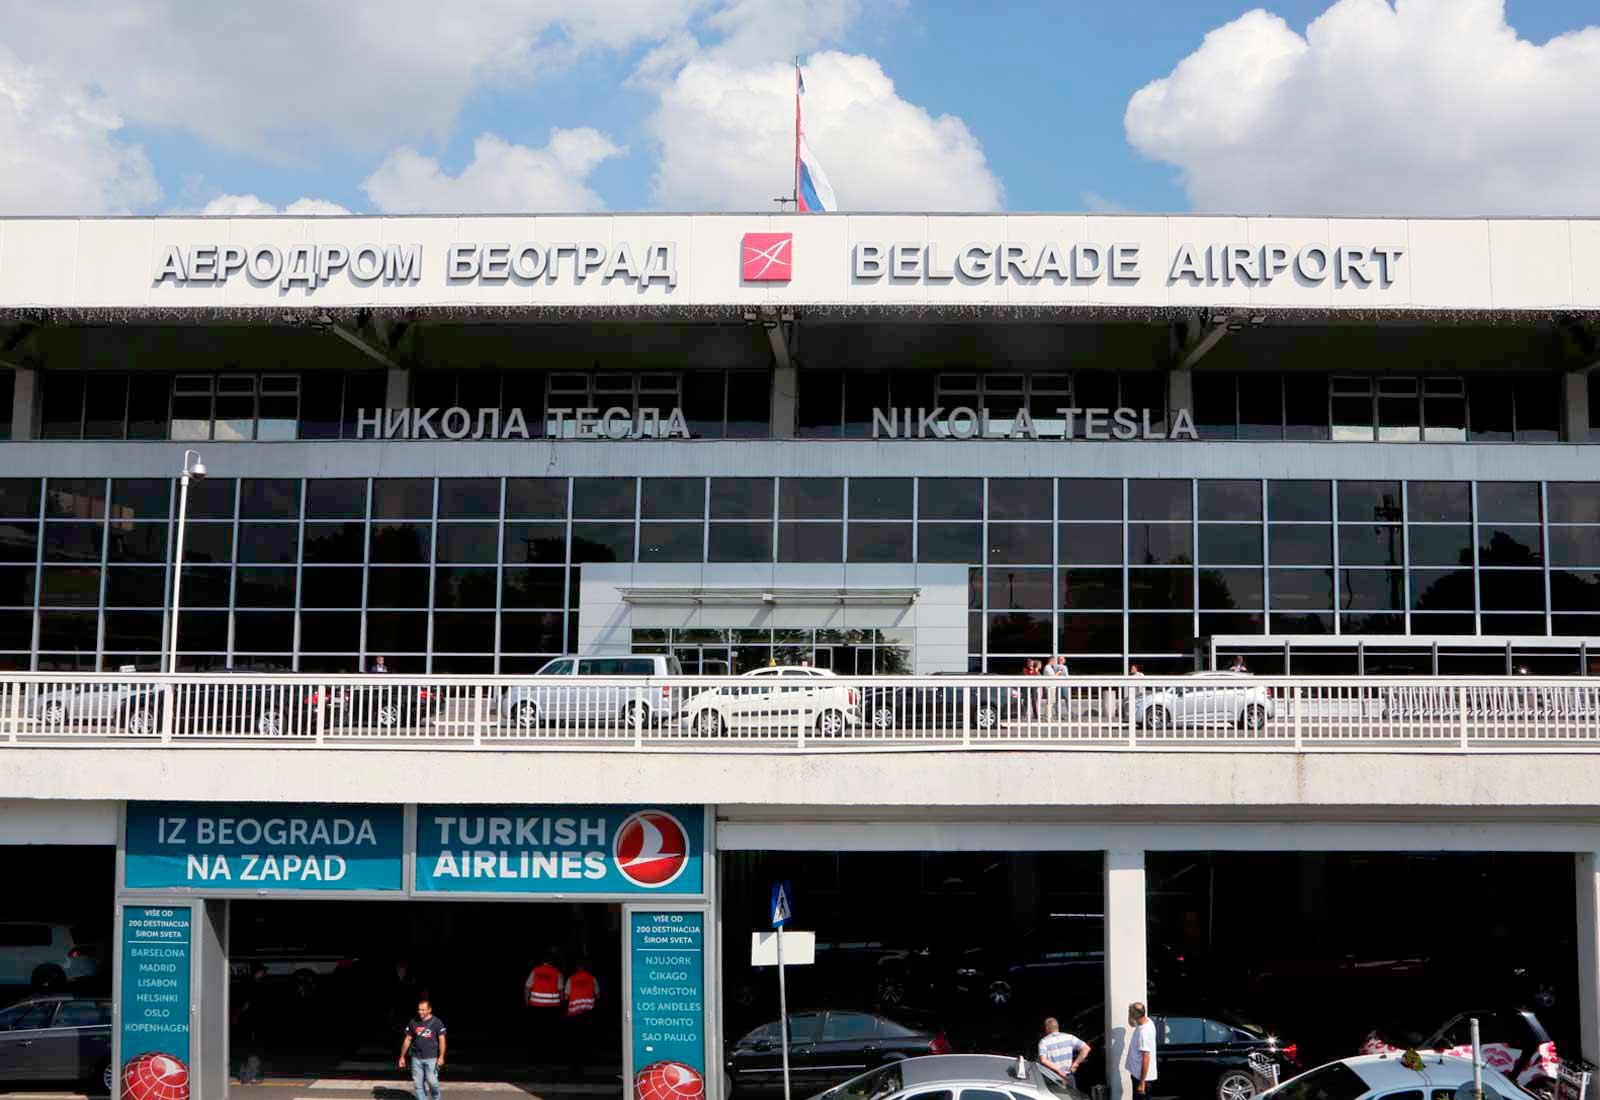 Tesla Airport